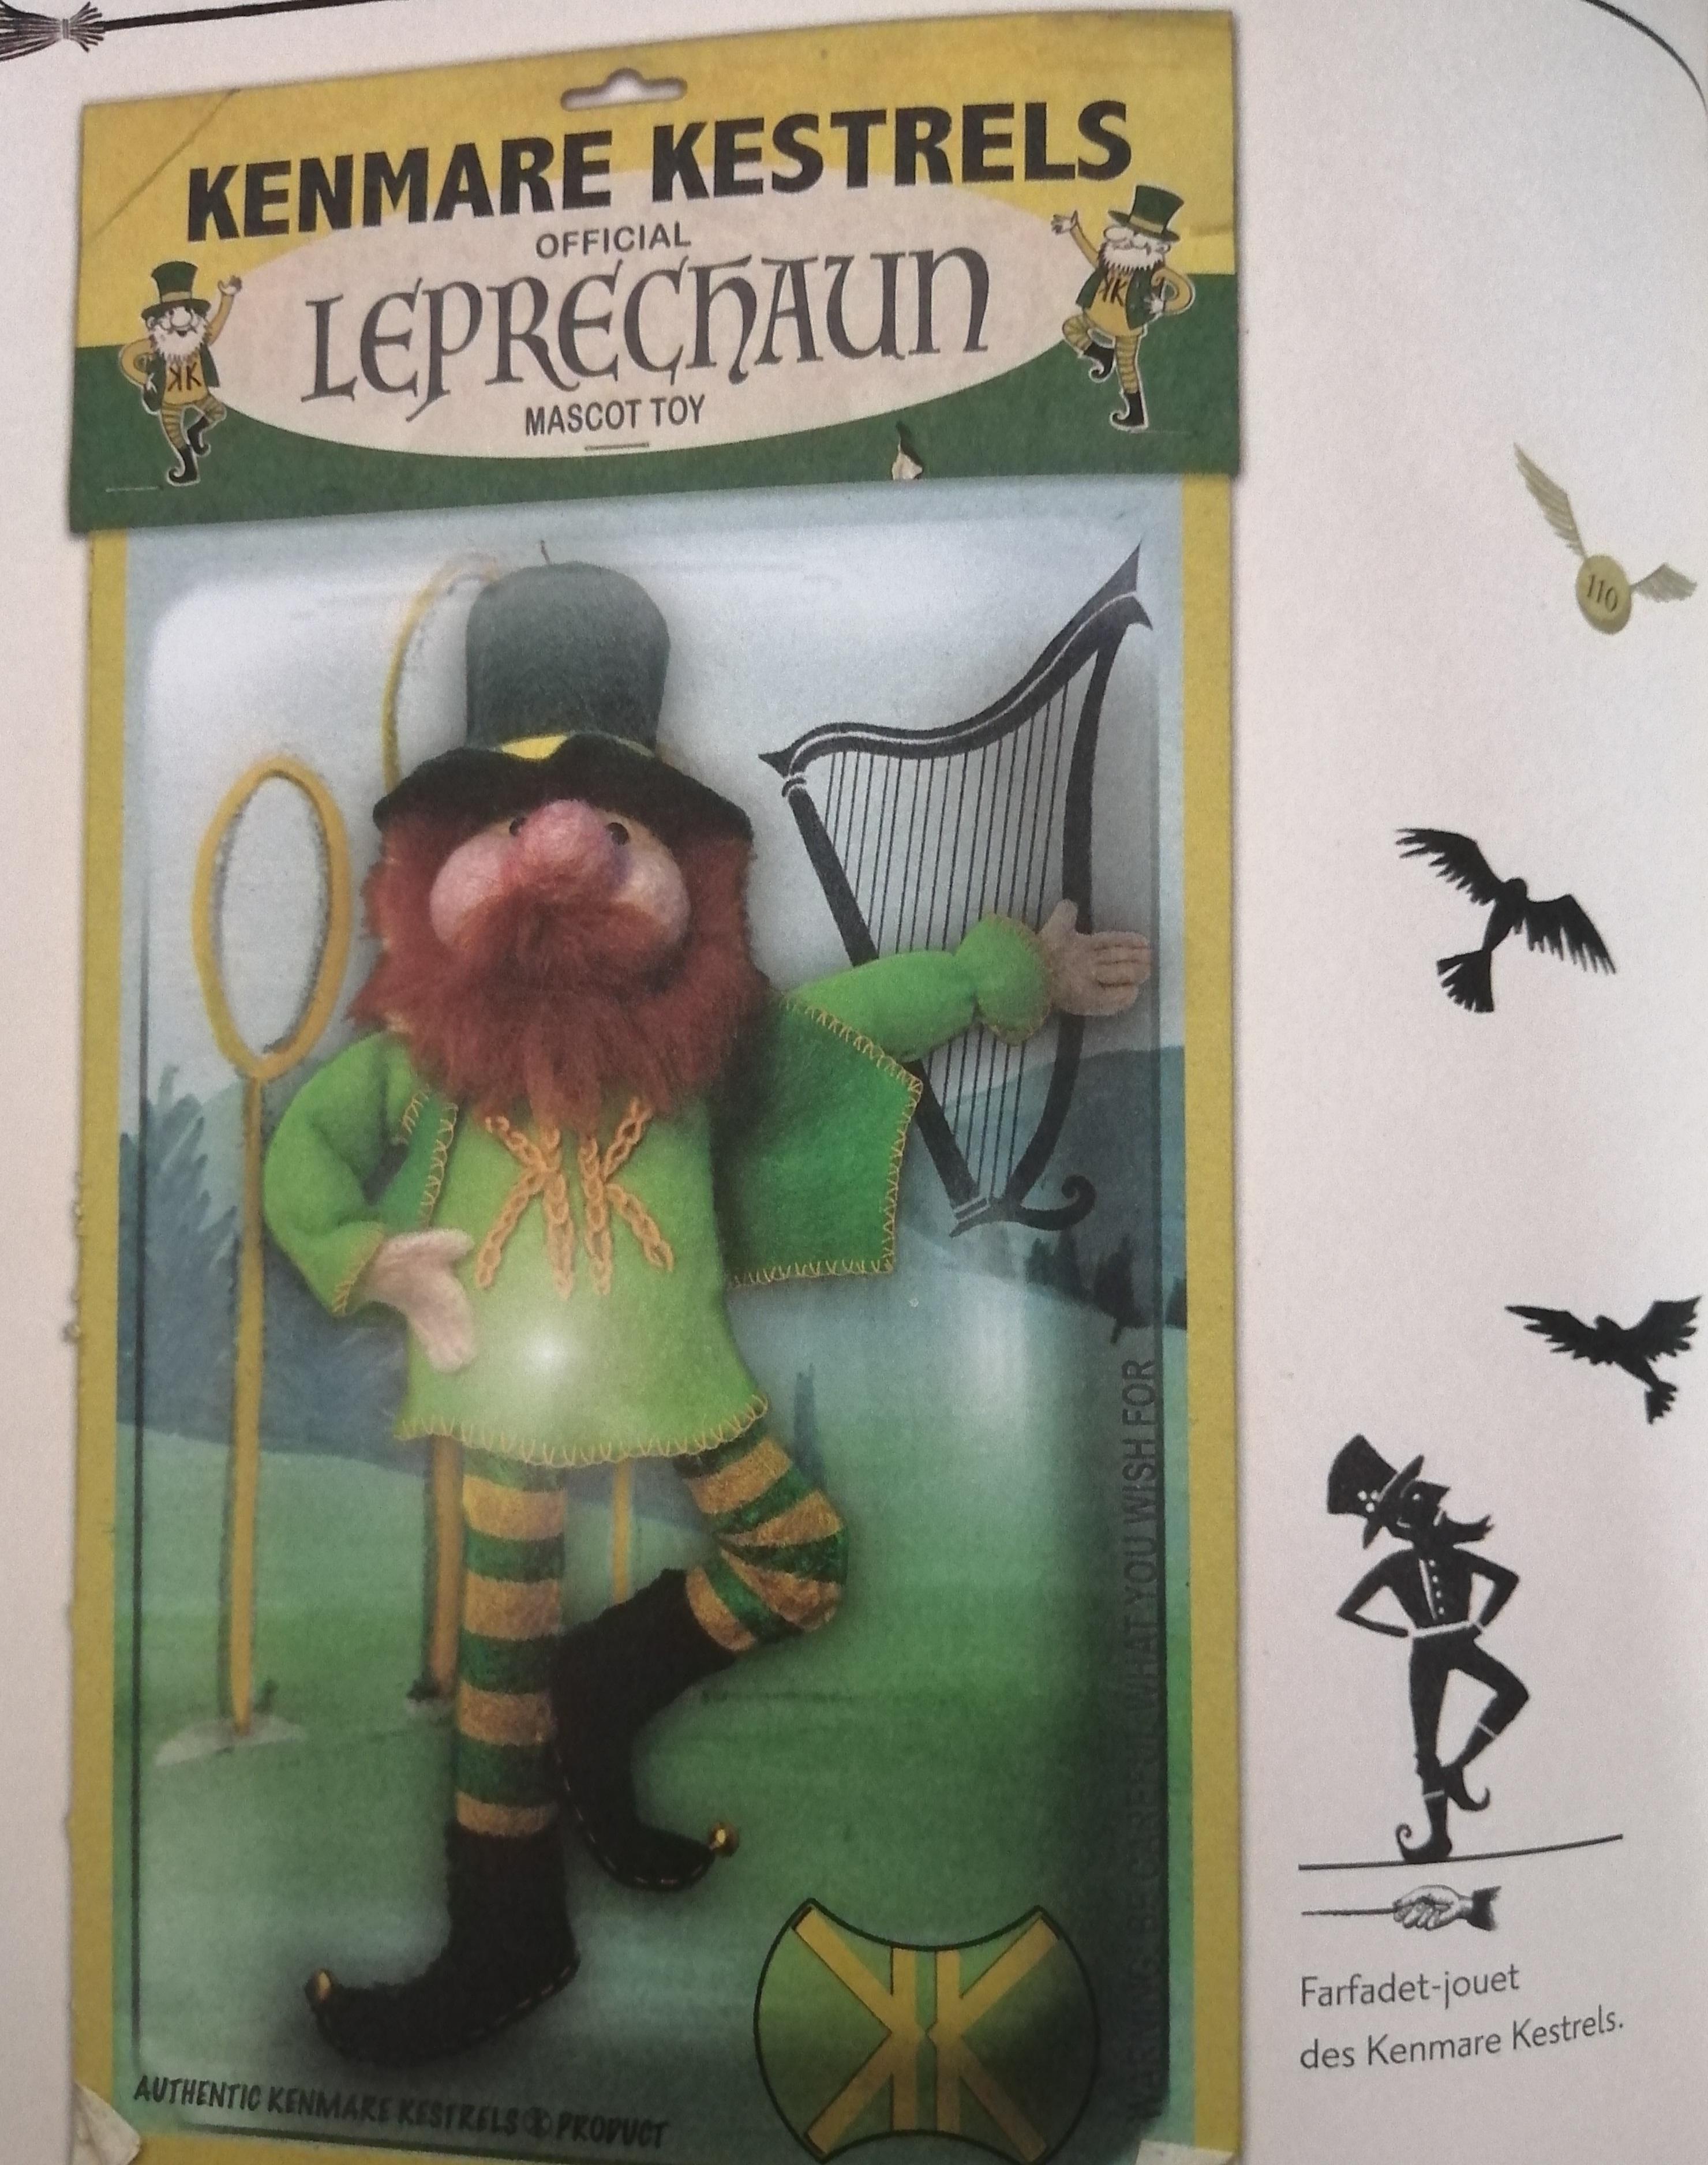 poupée de mascotte dans Le Quidditch à travers les âges illustré par Emily Gravett - édition Gallimard Jeunesse